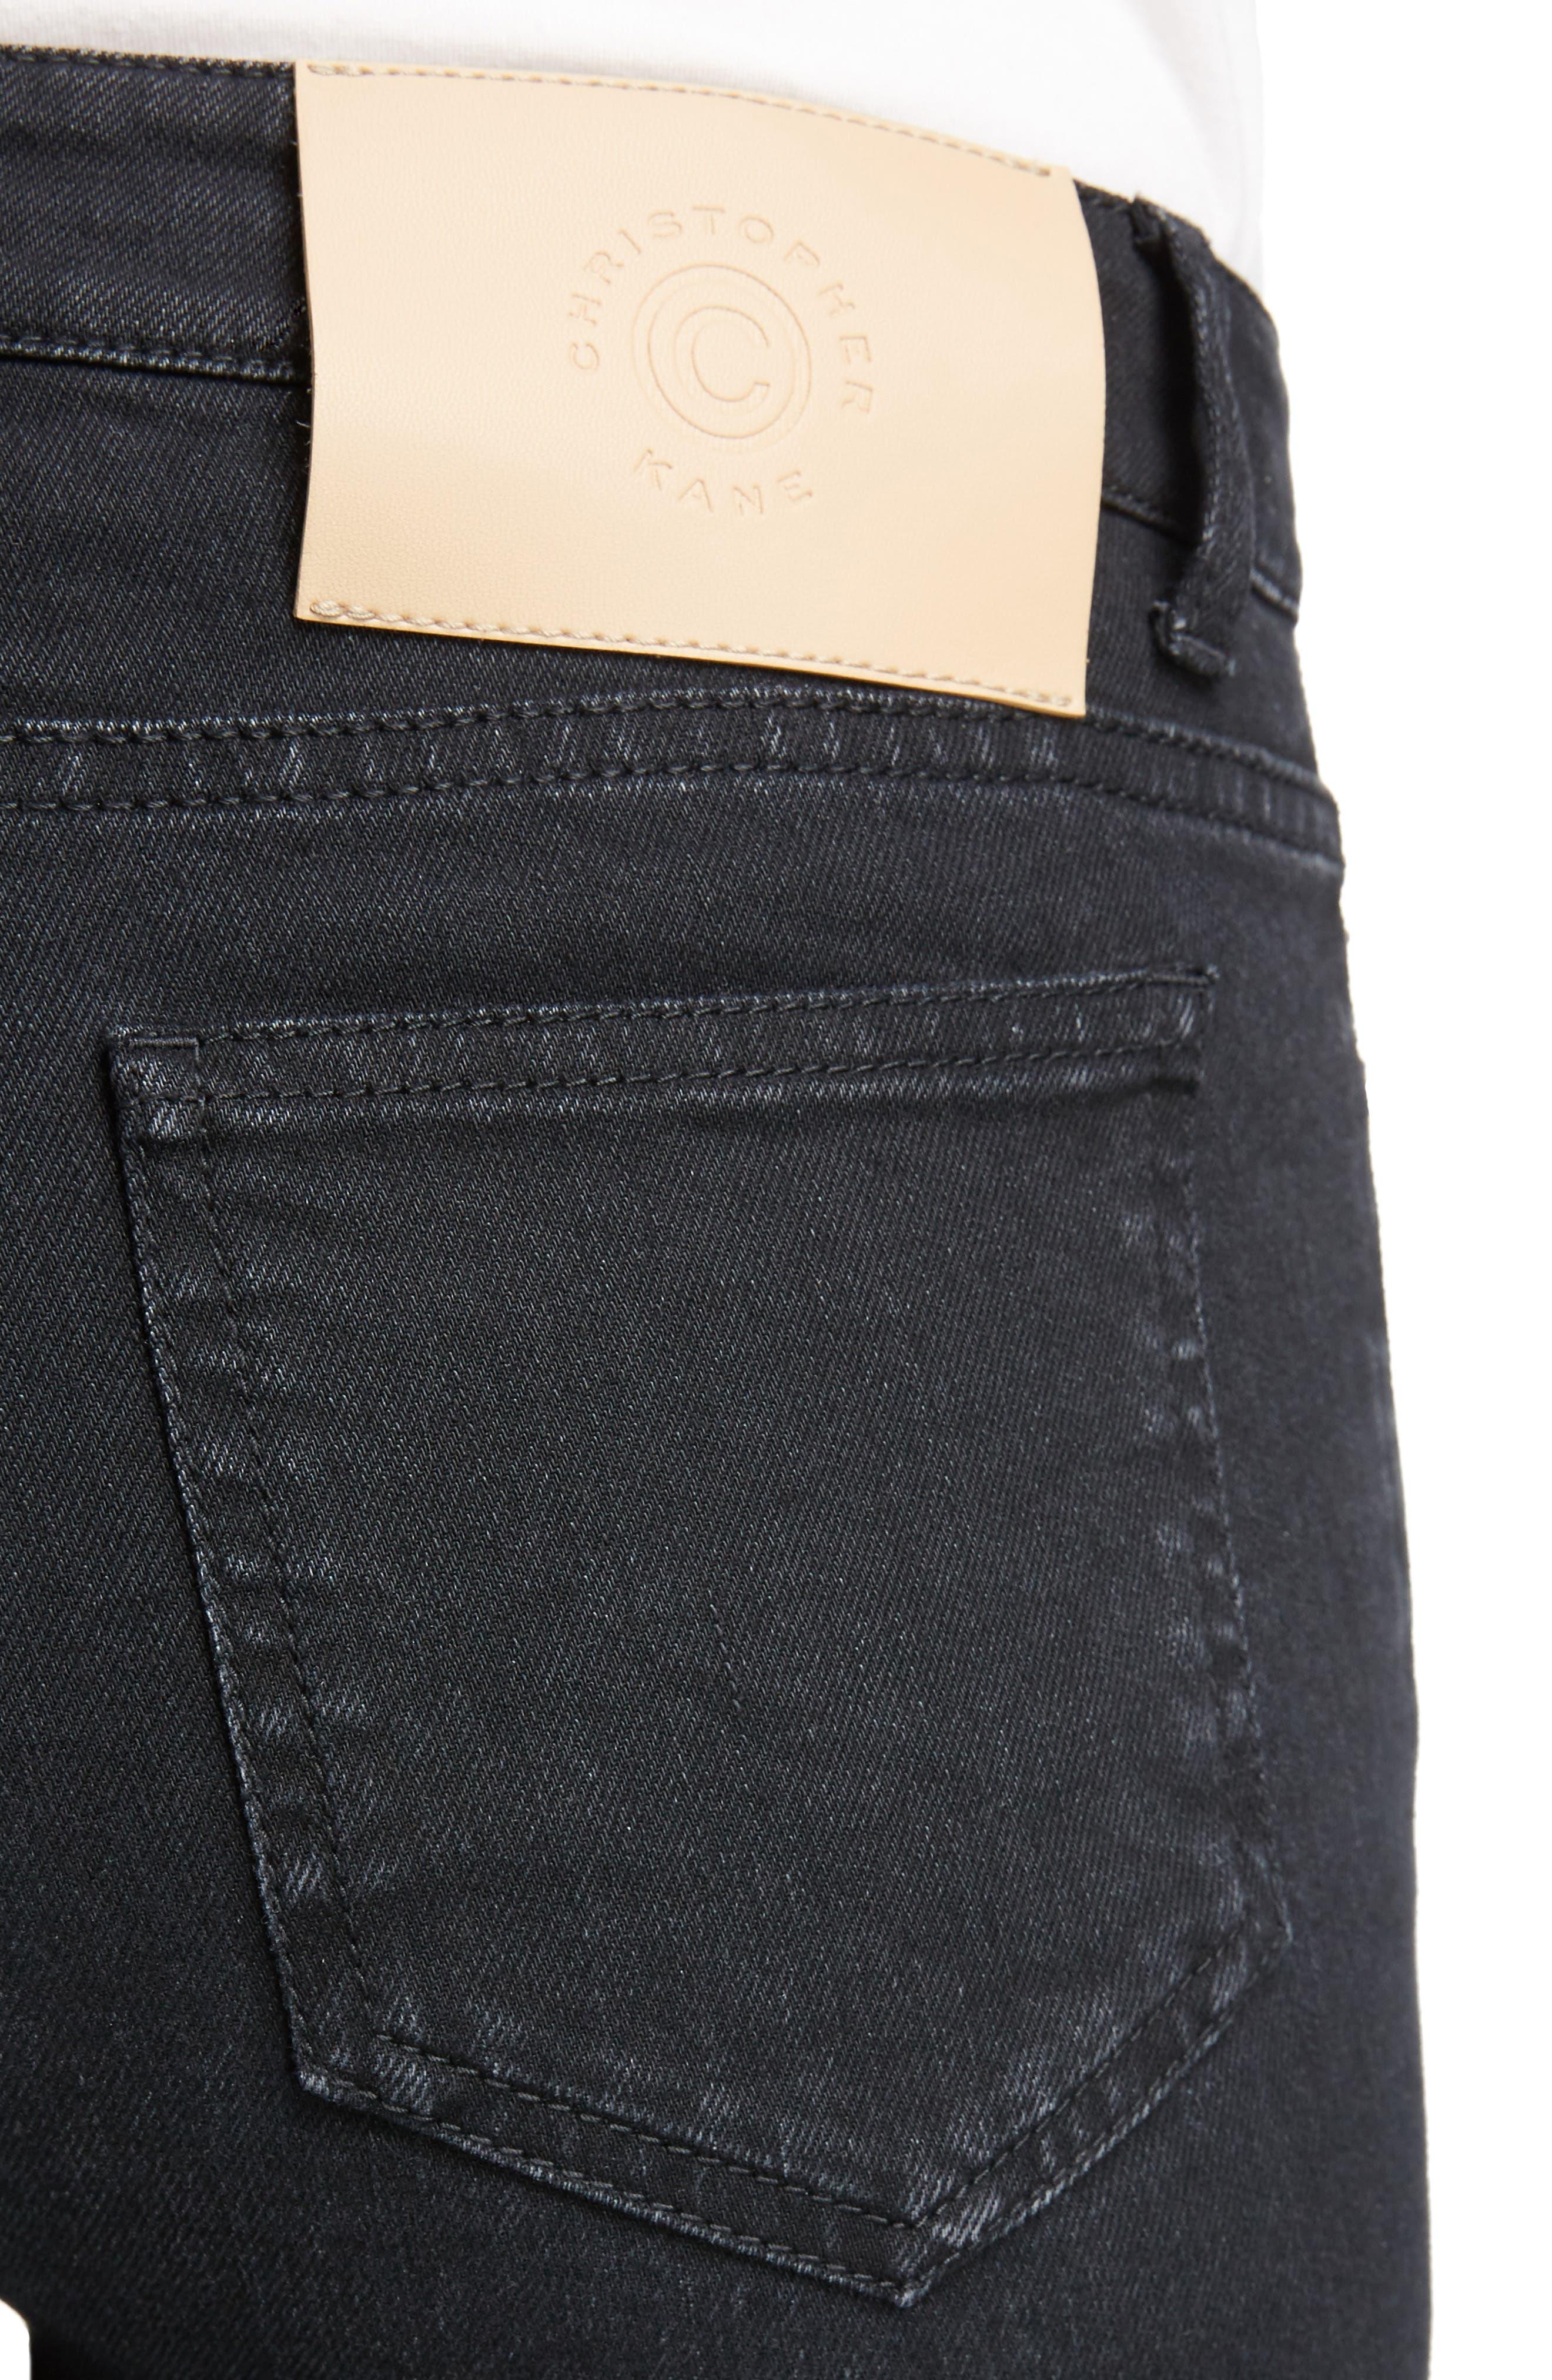 Hook & Loop Fly Skinny Jeans,                             Alternate thumbnail 4, color,                             Black